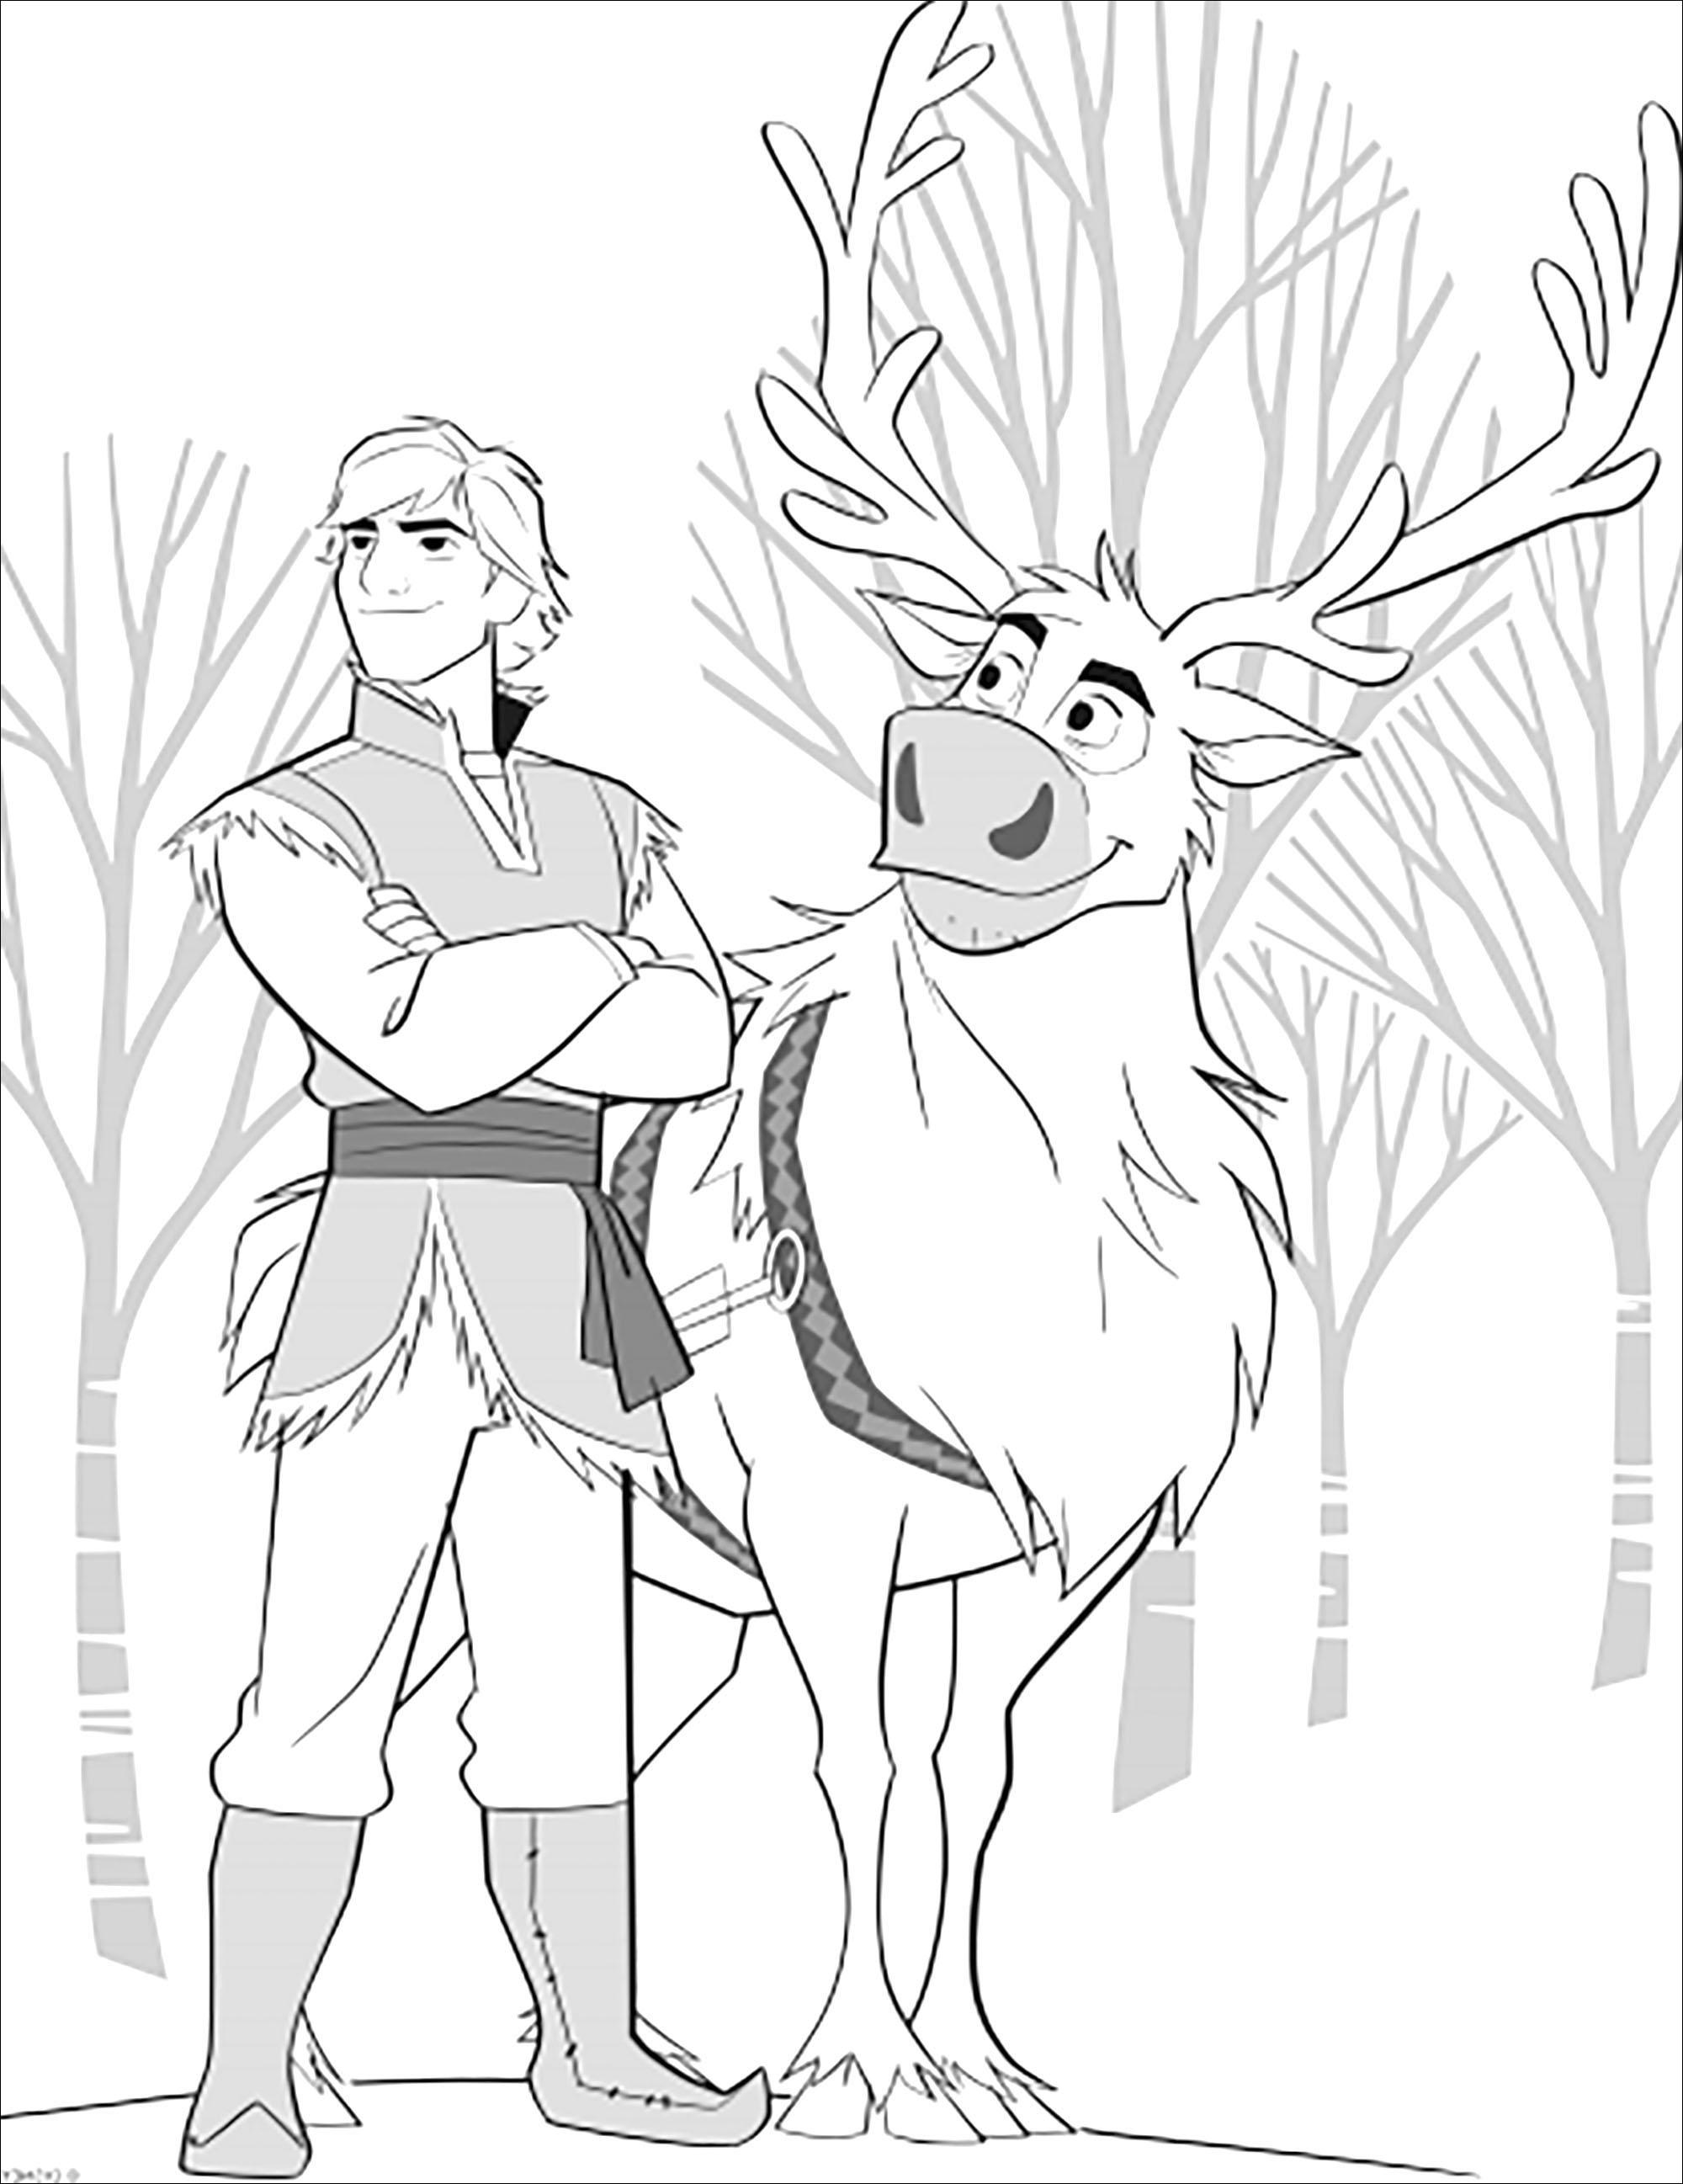 Sven et Kristoff sont de retour dans La reine des neiges 2 de Disney (version sans texte)